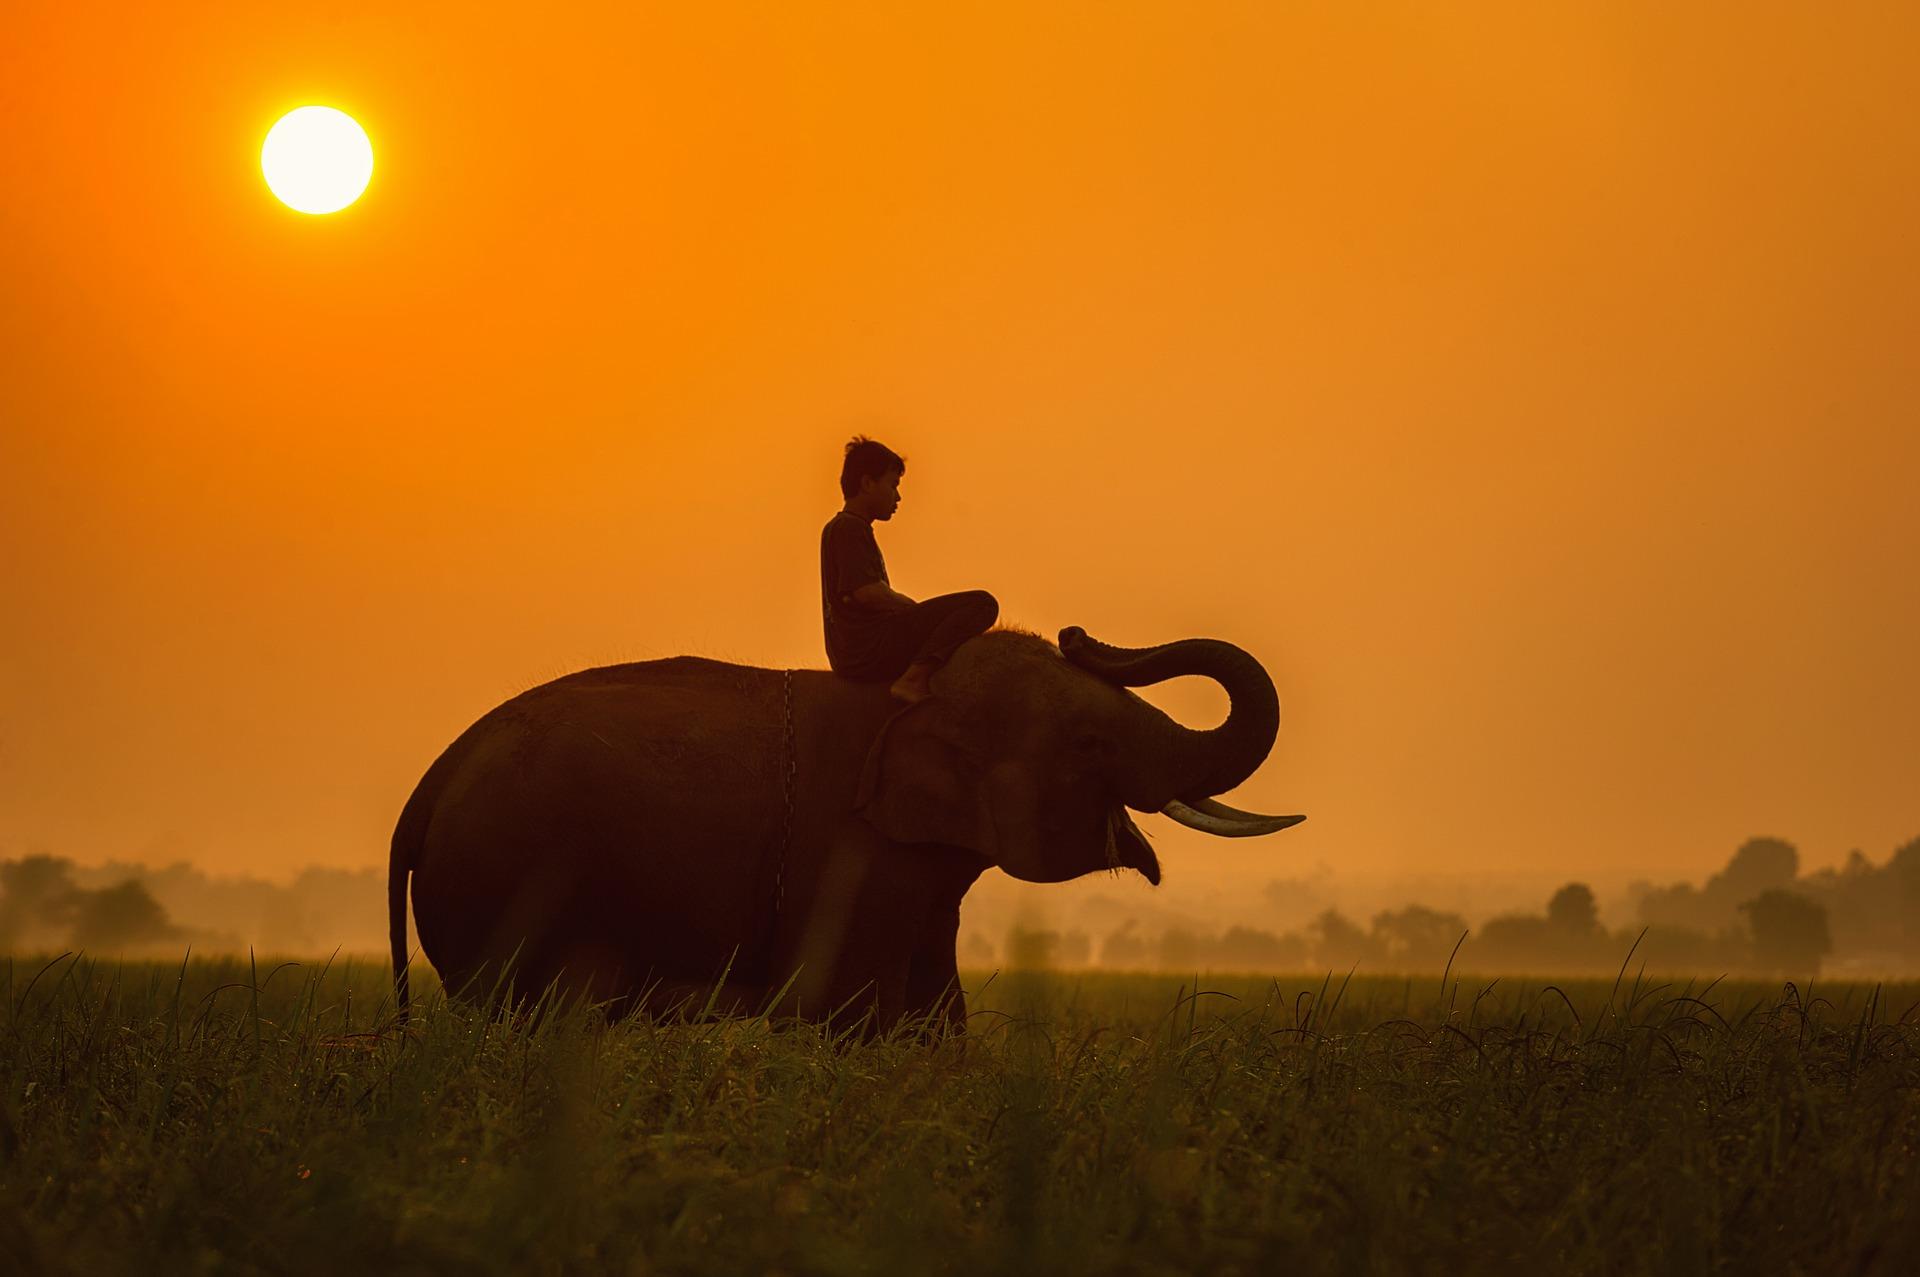 Boy riding an elephant